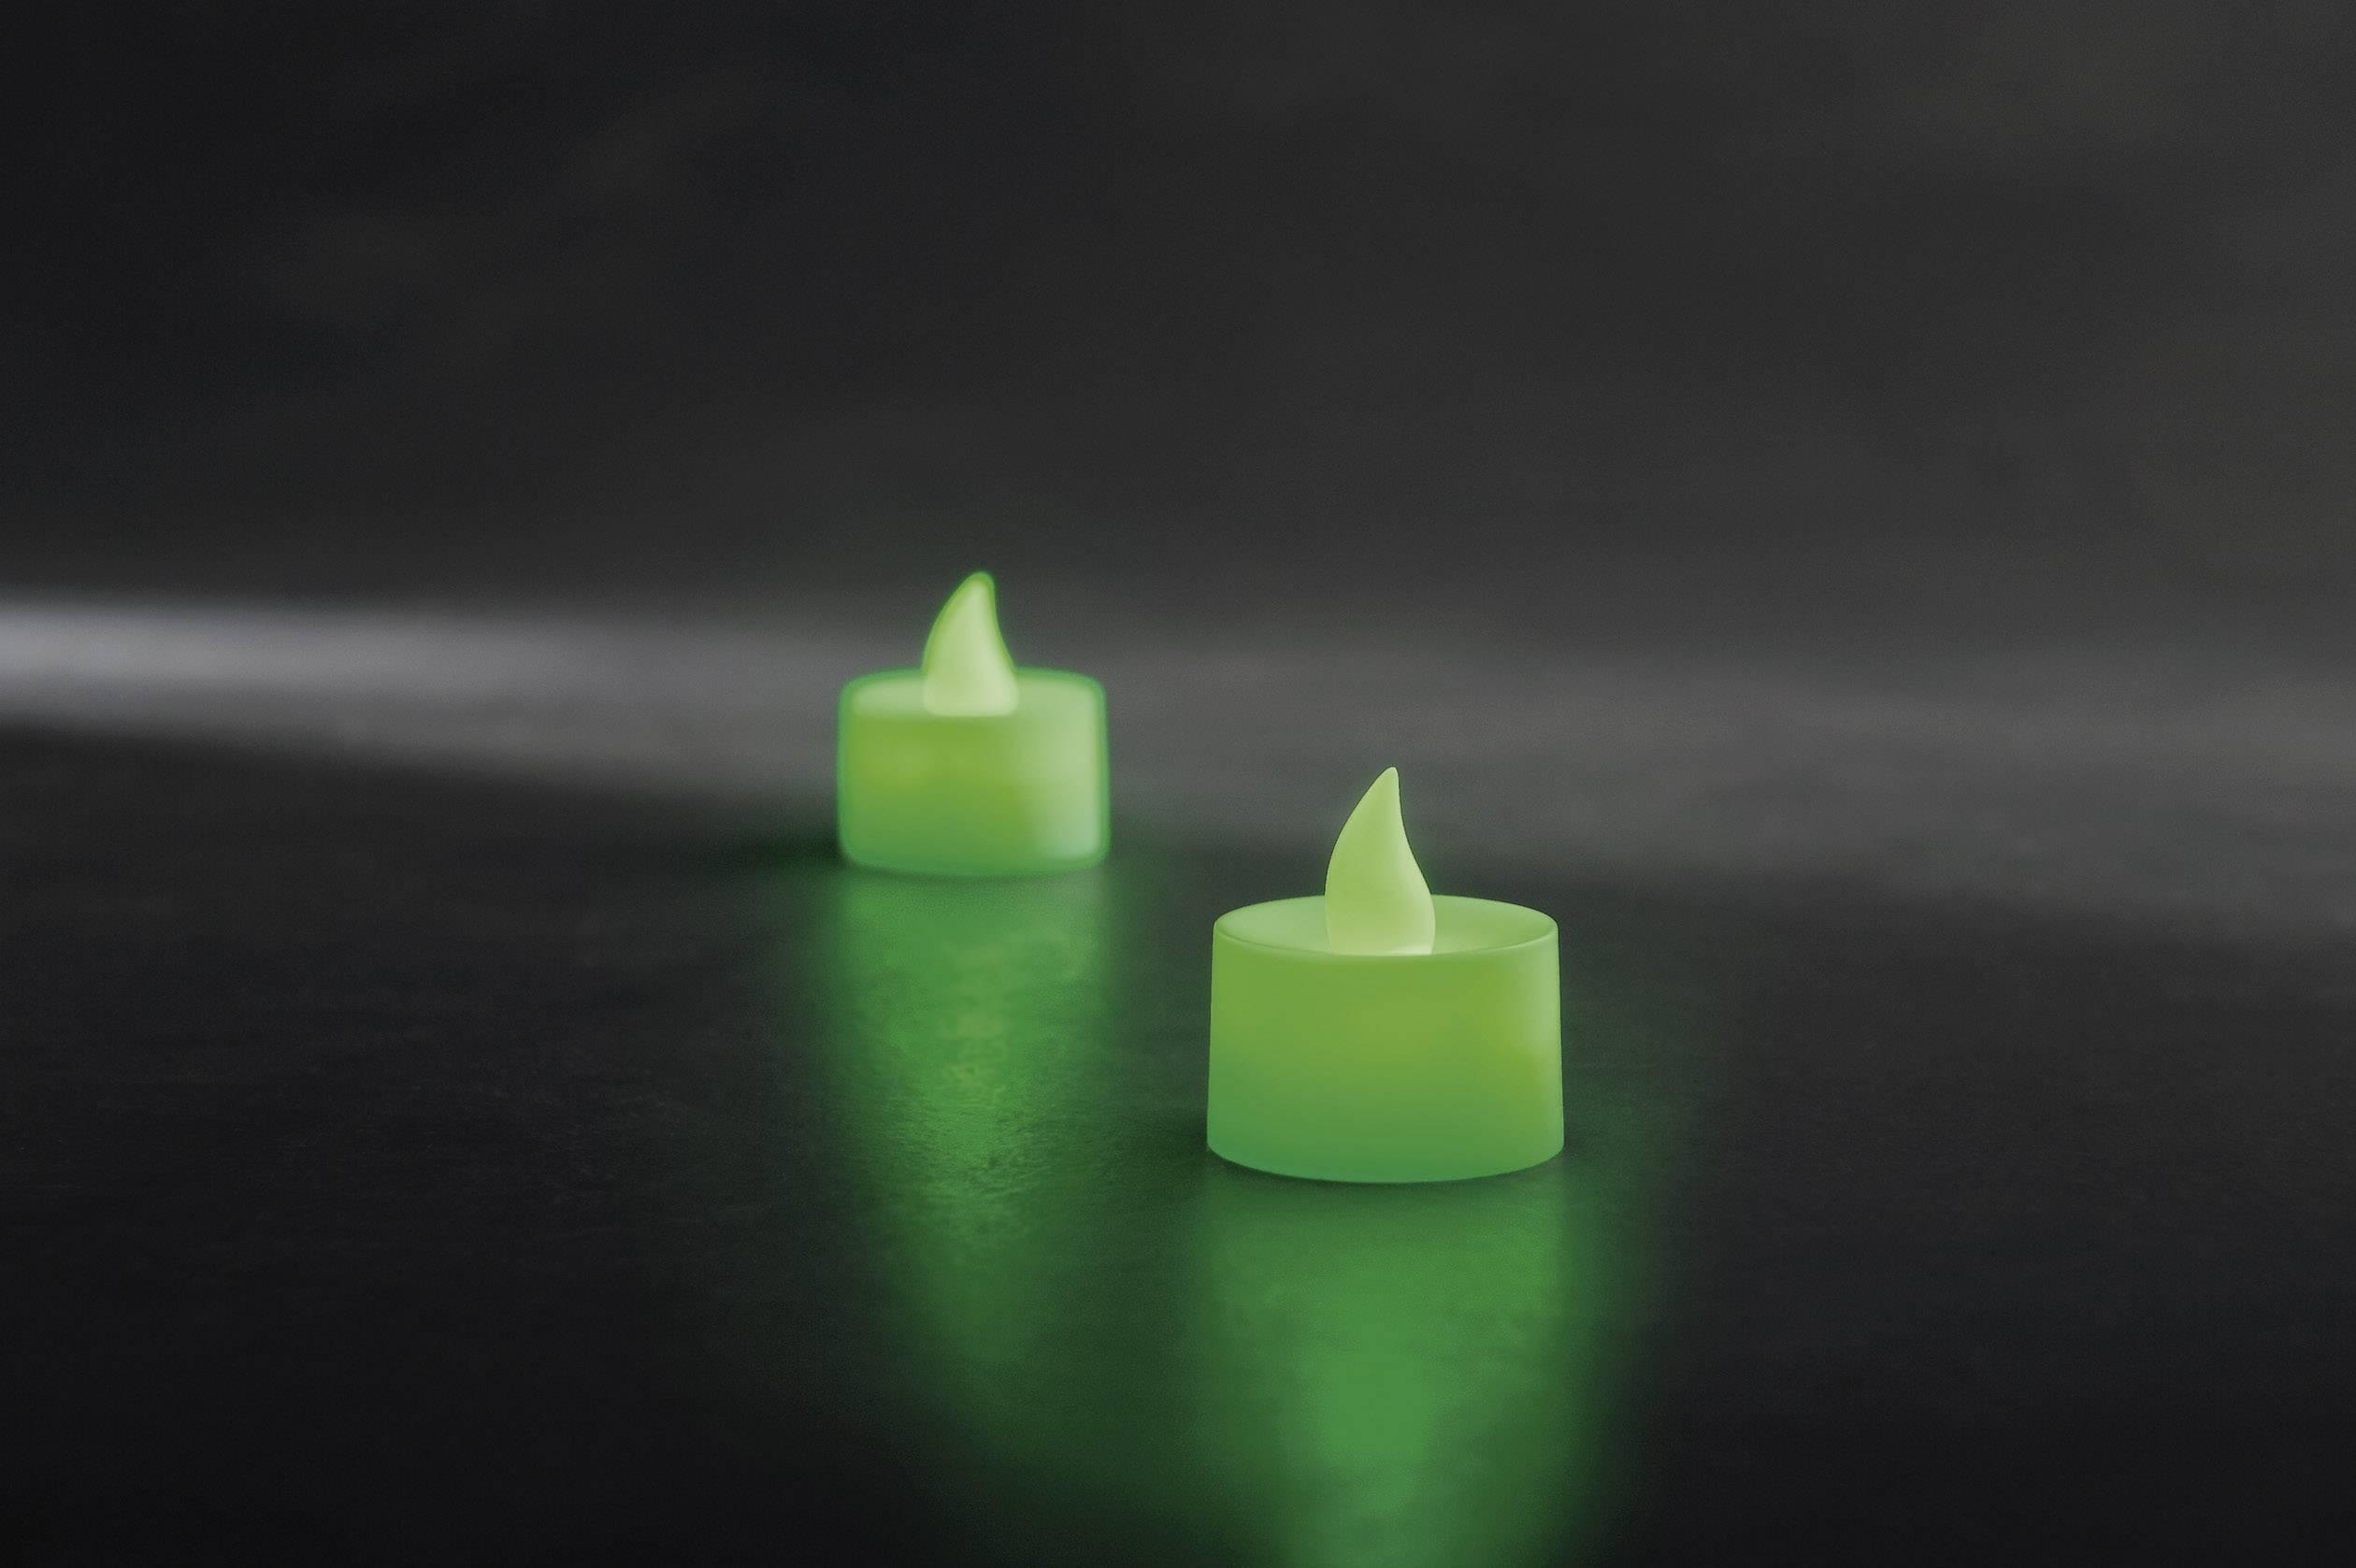 Groen Led Licht : Konstsmide decoratief led licht groen groen conrad be